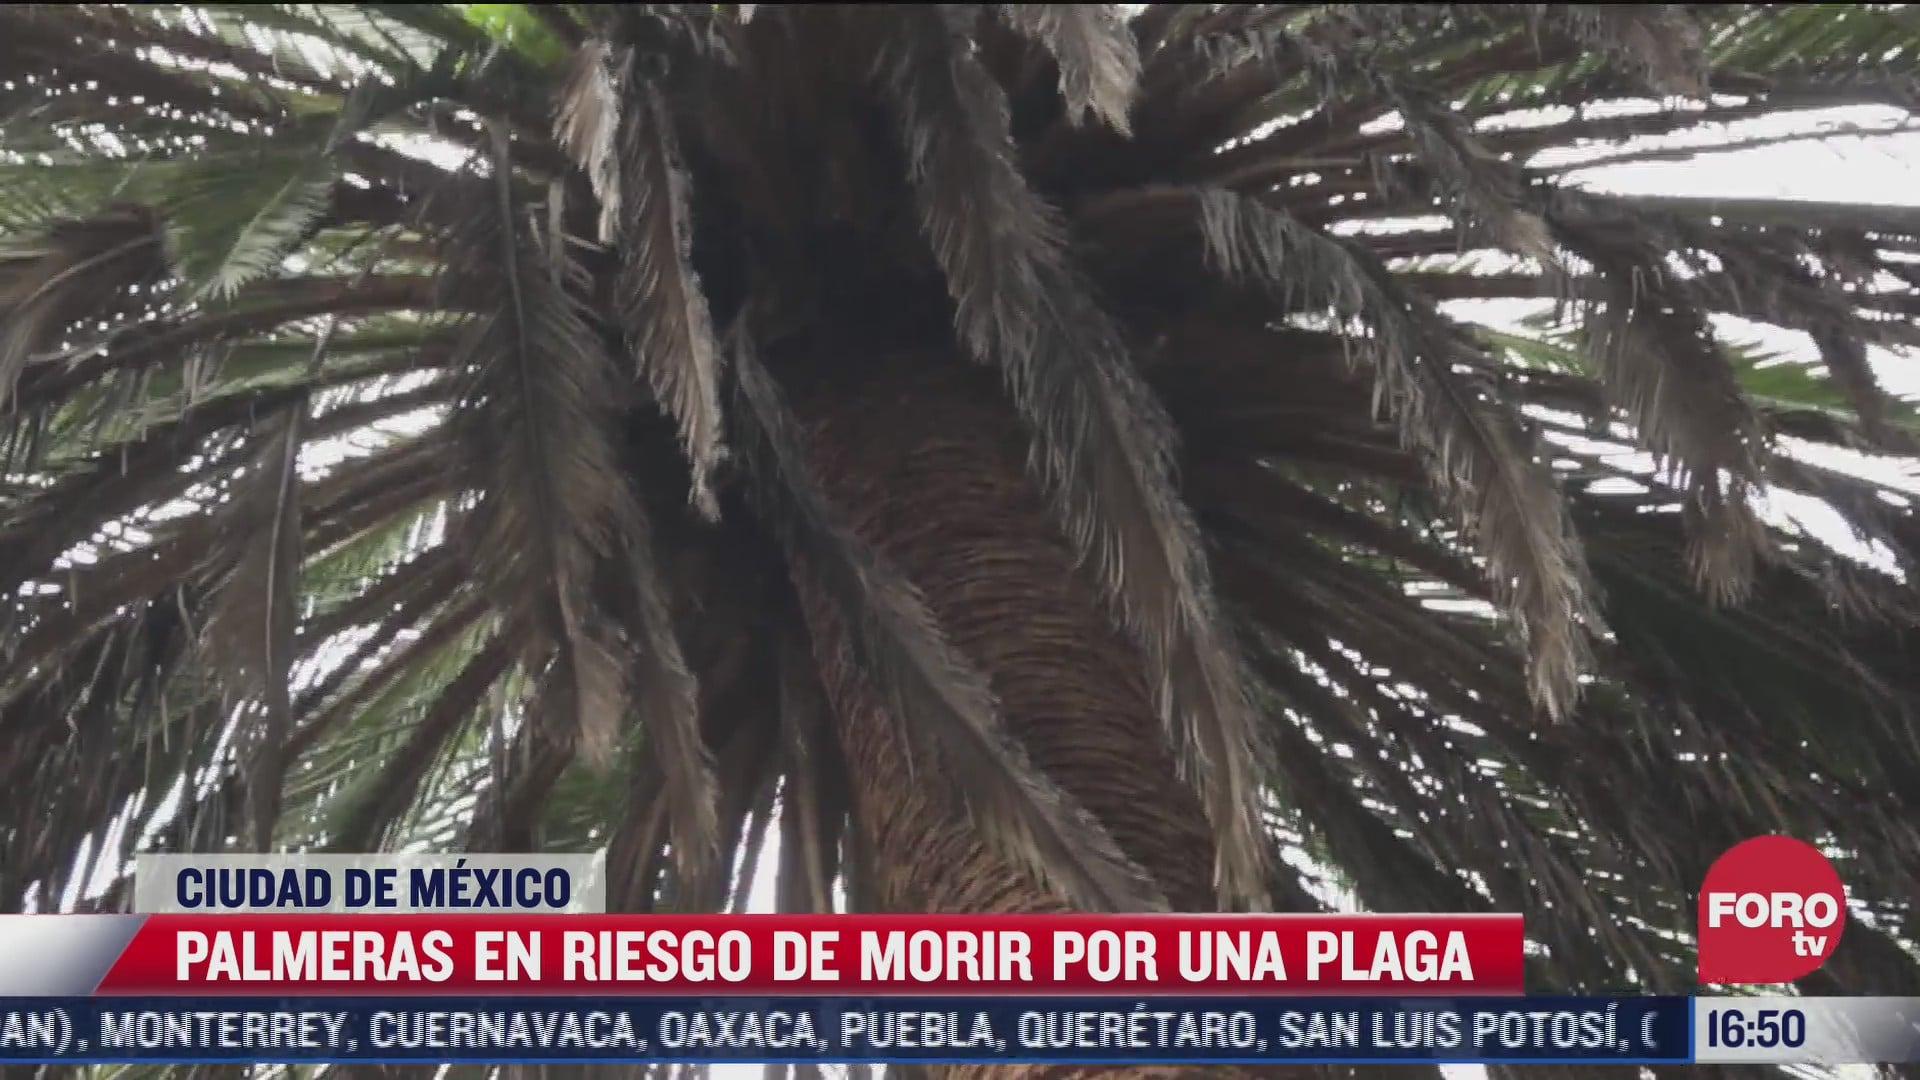 palmeras en cdmx estan riesgo de morir por plaga advierten